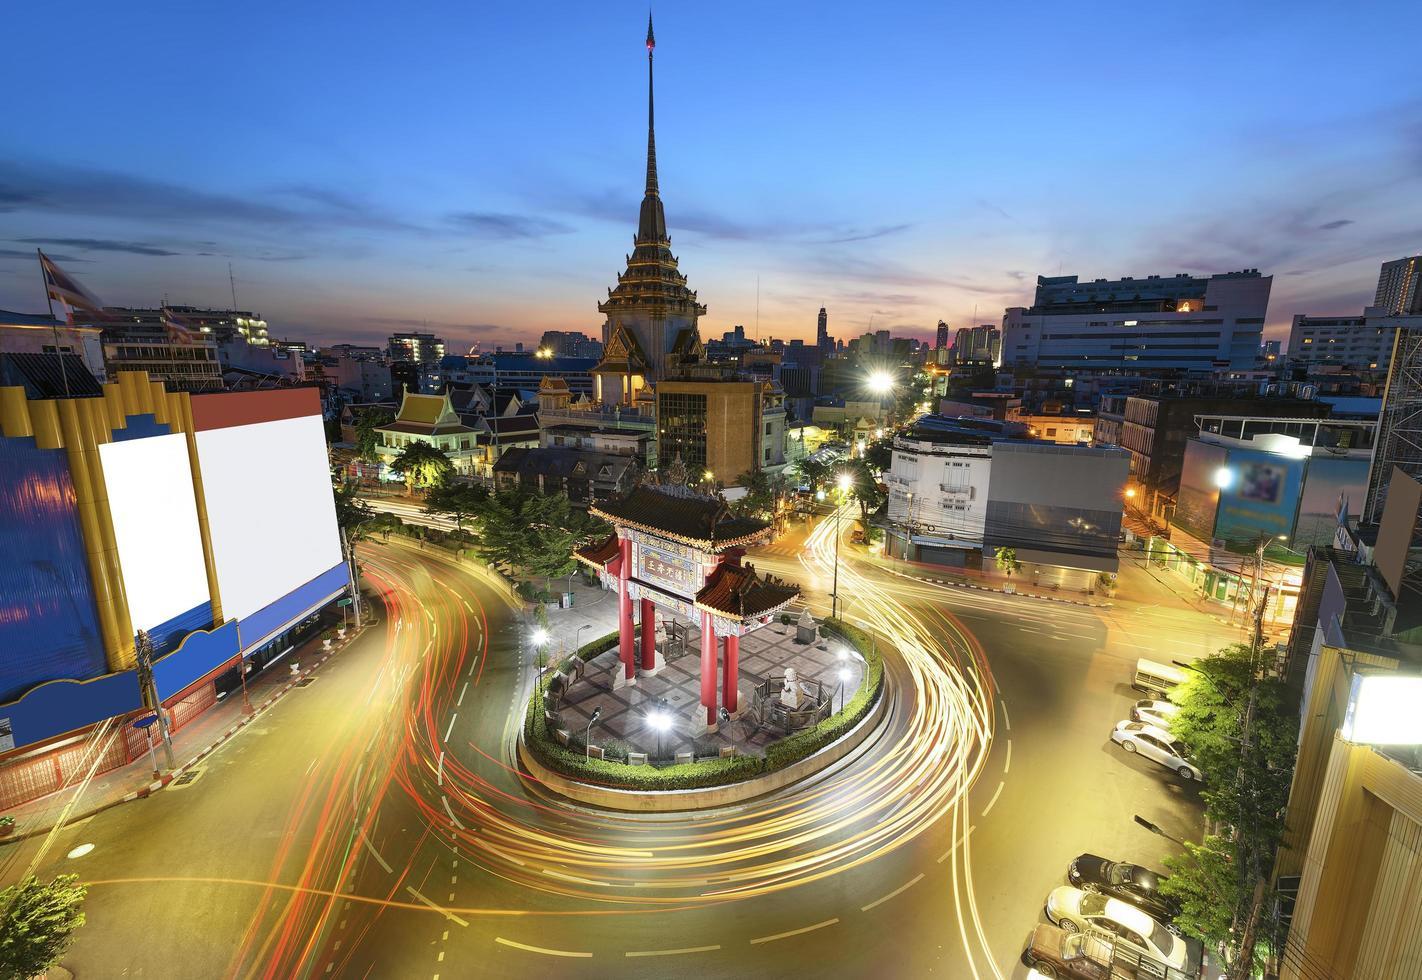 o arco de entrada e o templo em bangkok, tailândia foto